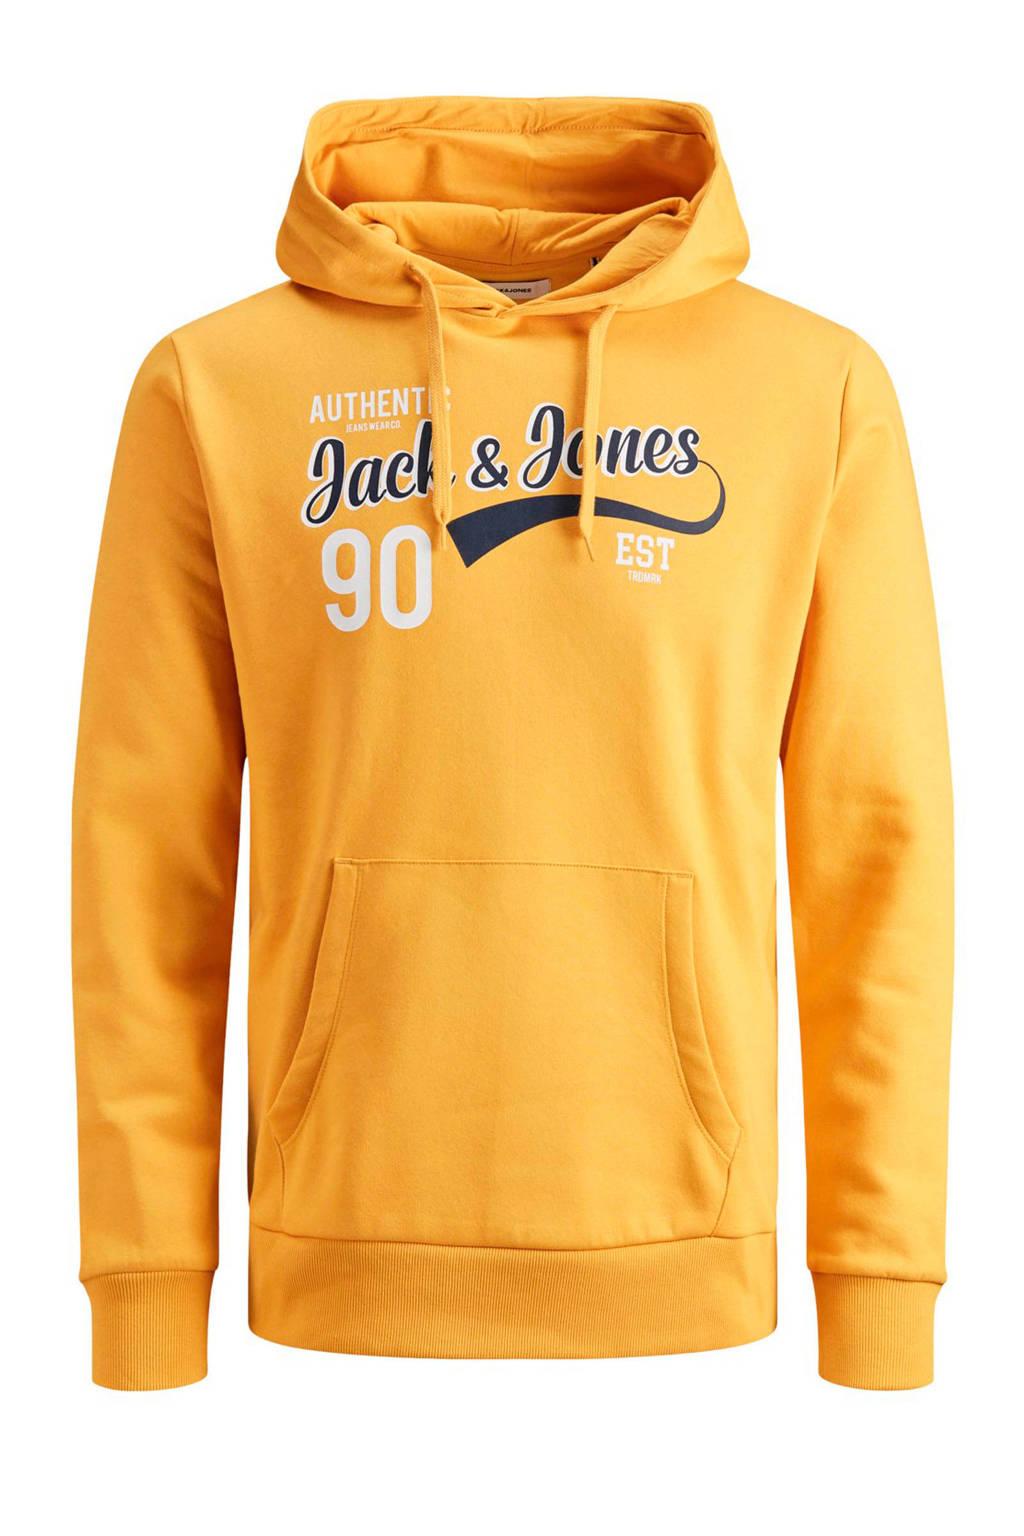 JACK & JONES JUNIOR, Geel/wit